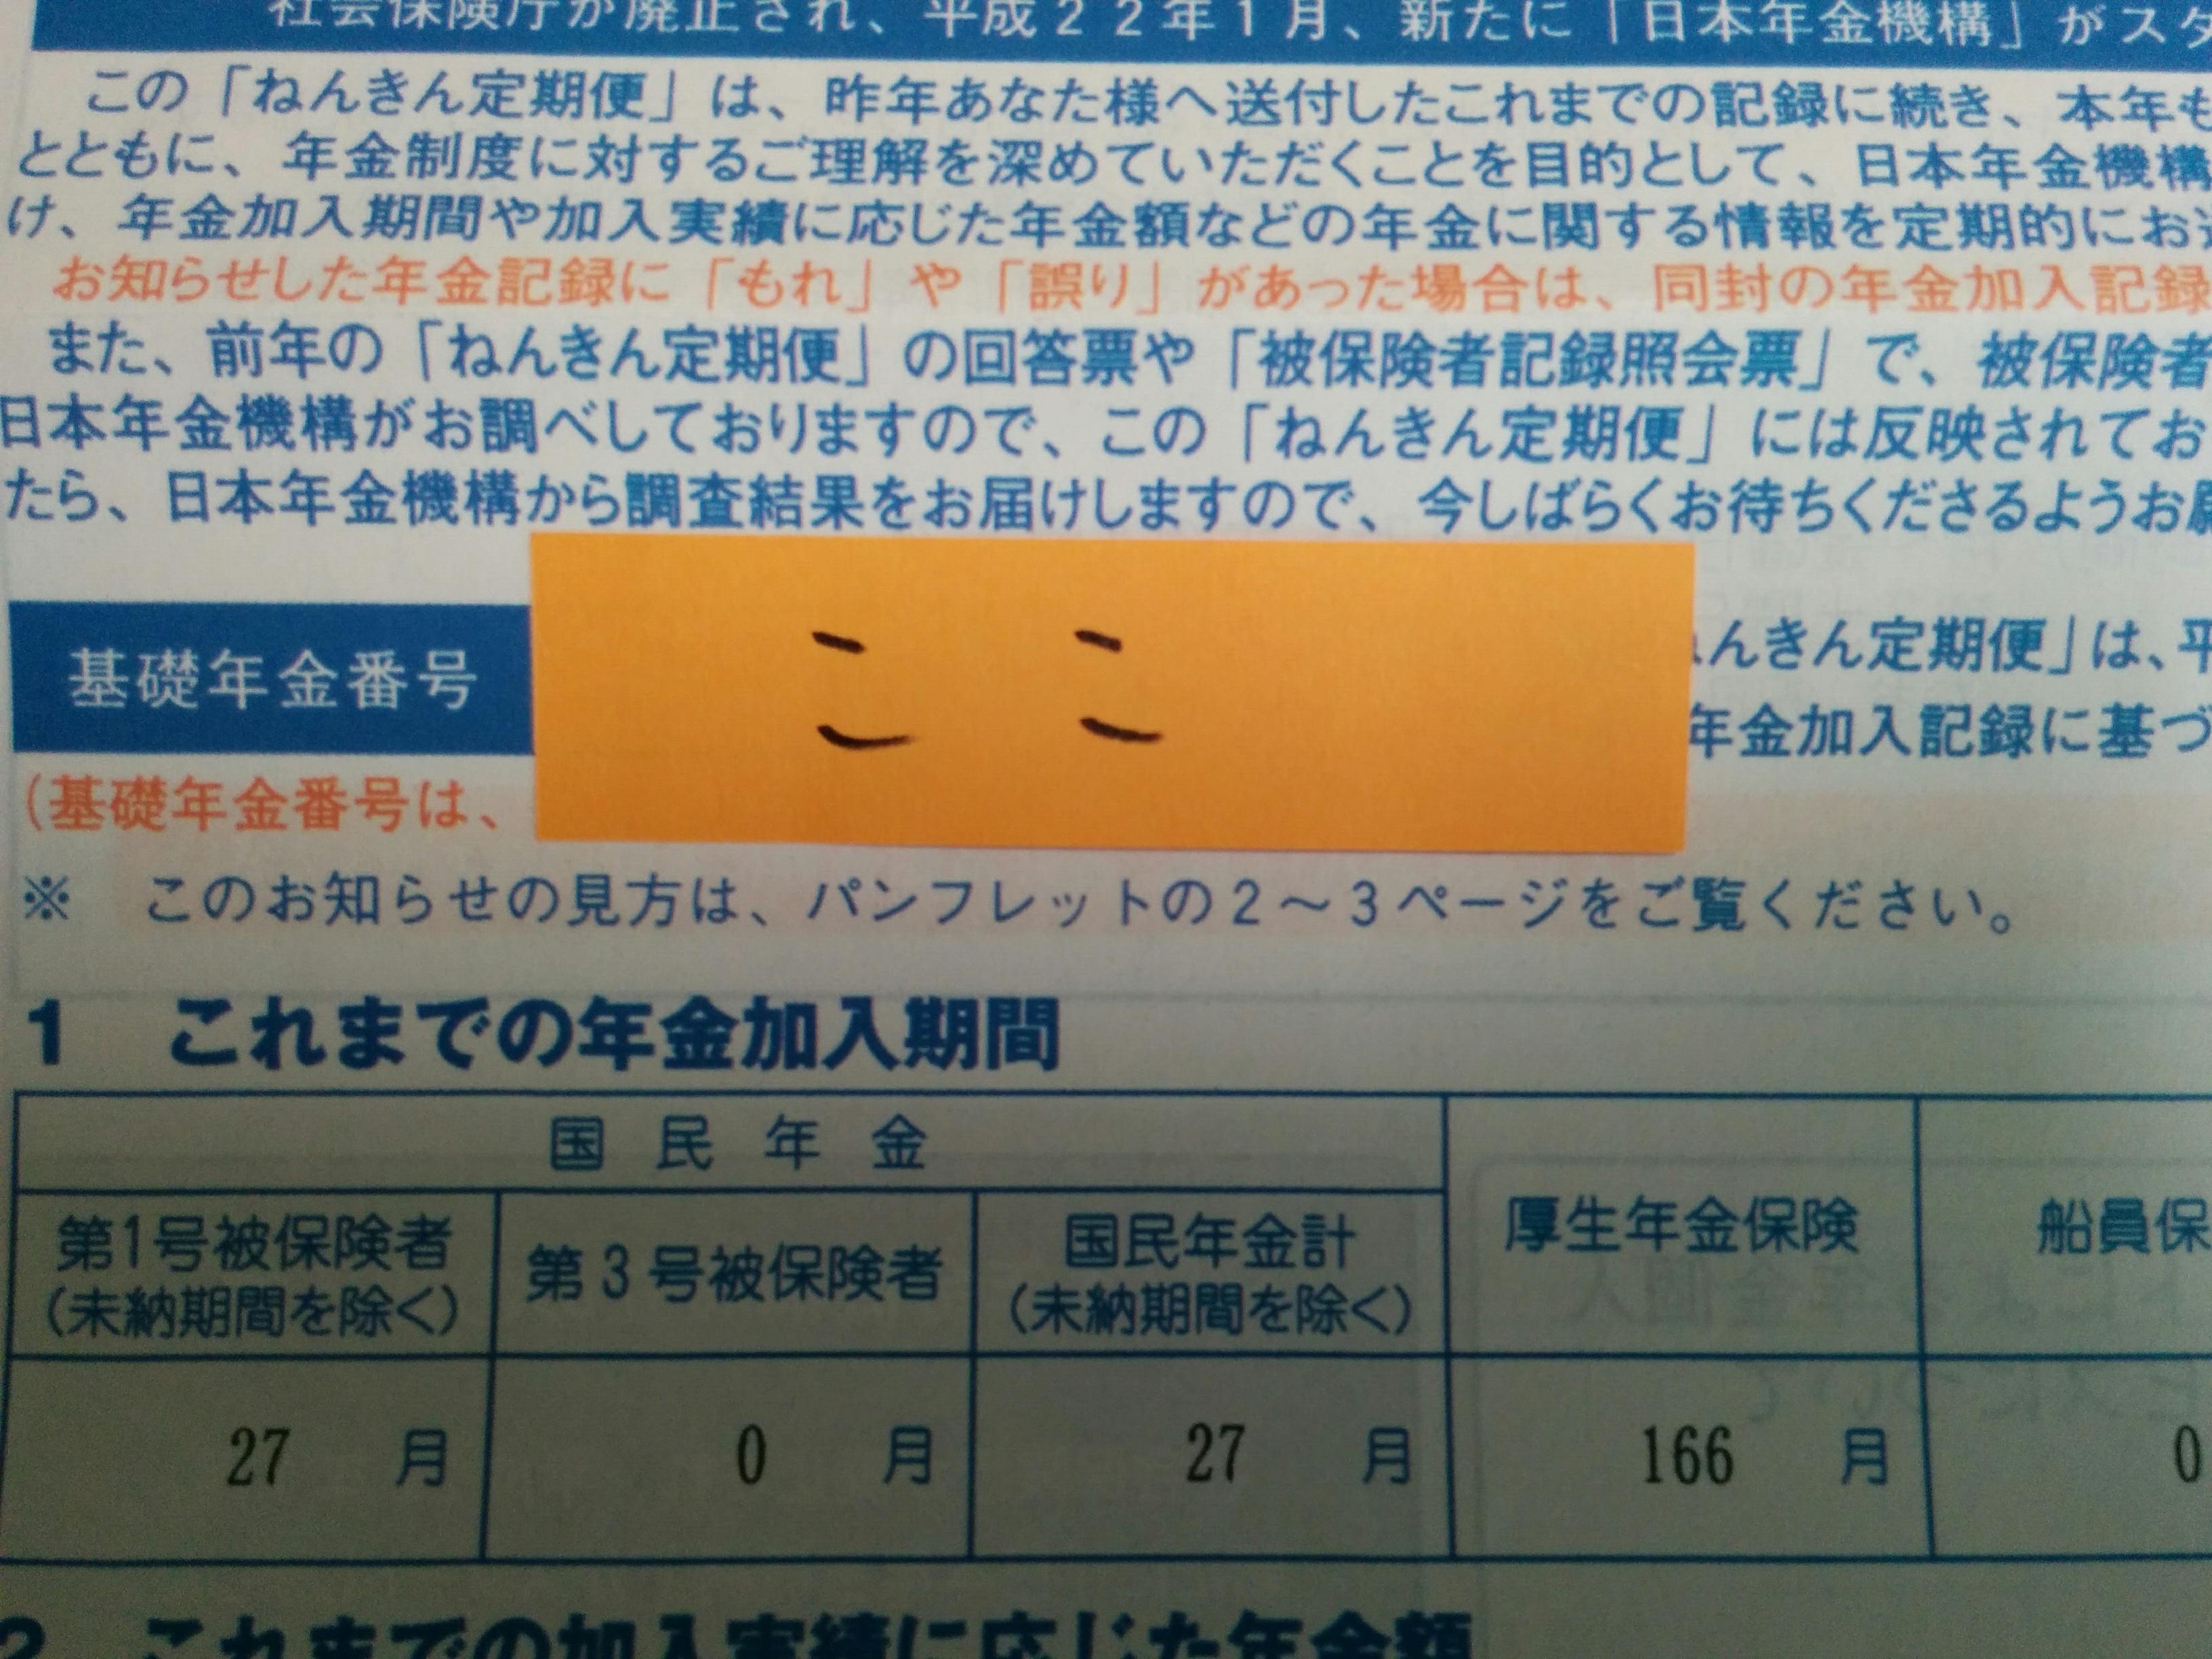 平成22年度ねんきん定期便 基礎年金番号の記載場所